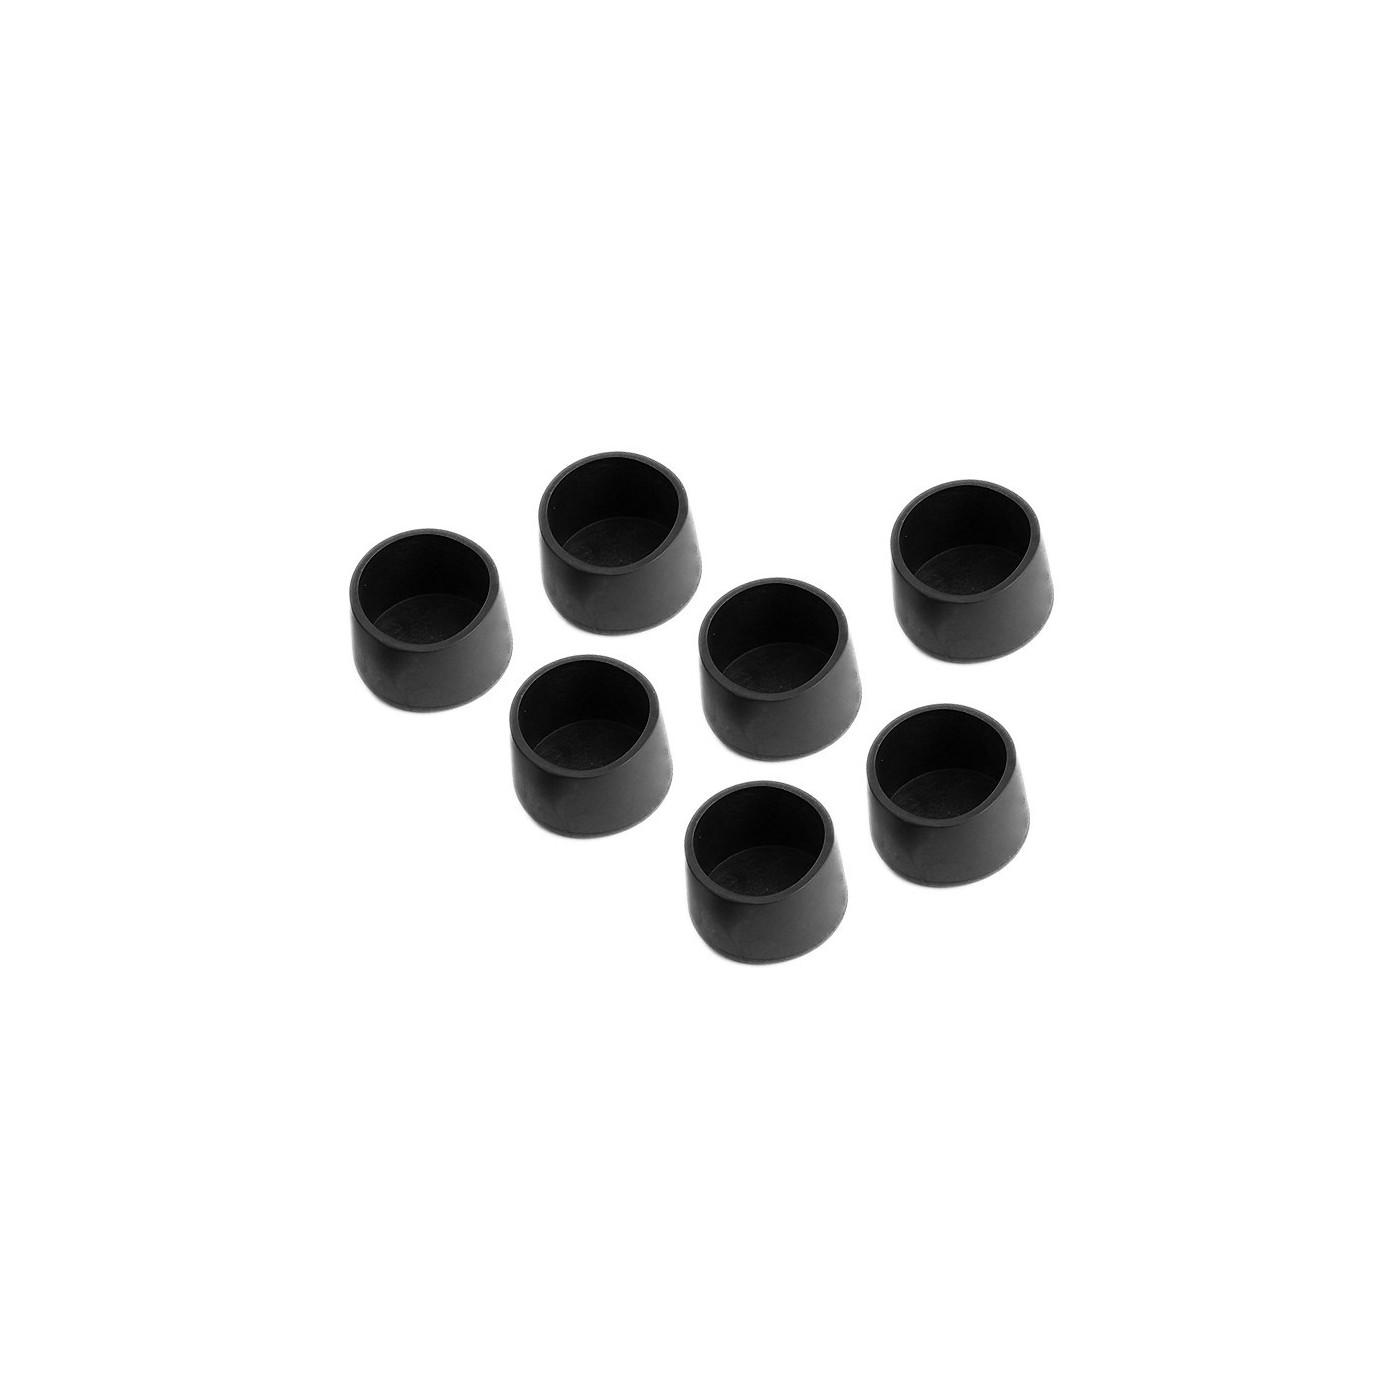 Zestaw 32 silikonowych nakładek na nogi krzesła (zewnętrzne, okrągłe, 38 mm, czarne) [O-RO-38-B]  - 1